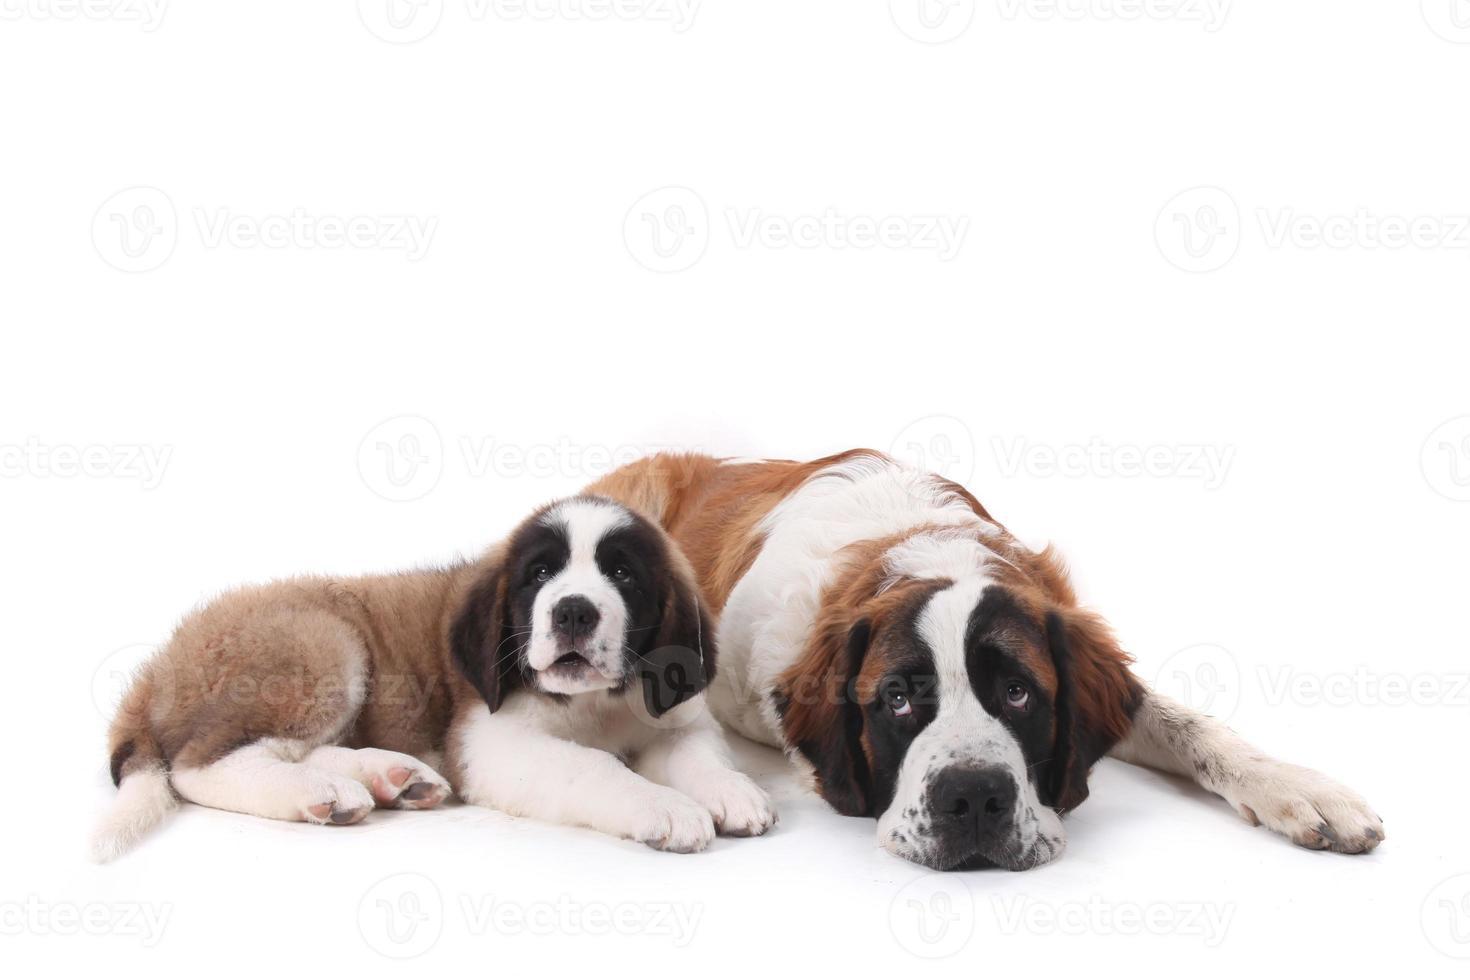 due amorevoli cuccioli di san bernardo insieme su sfondo bianco foto